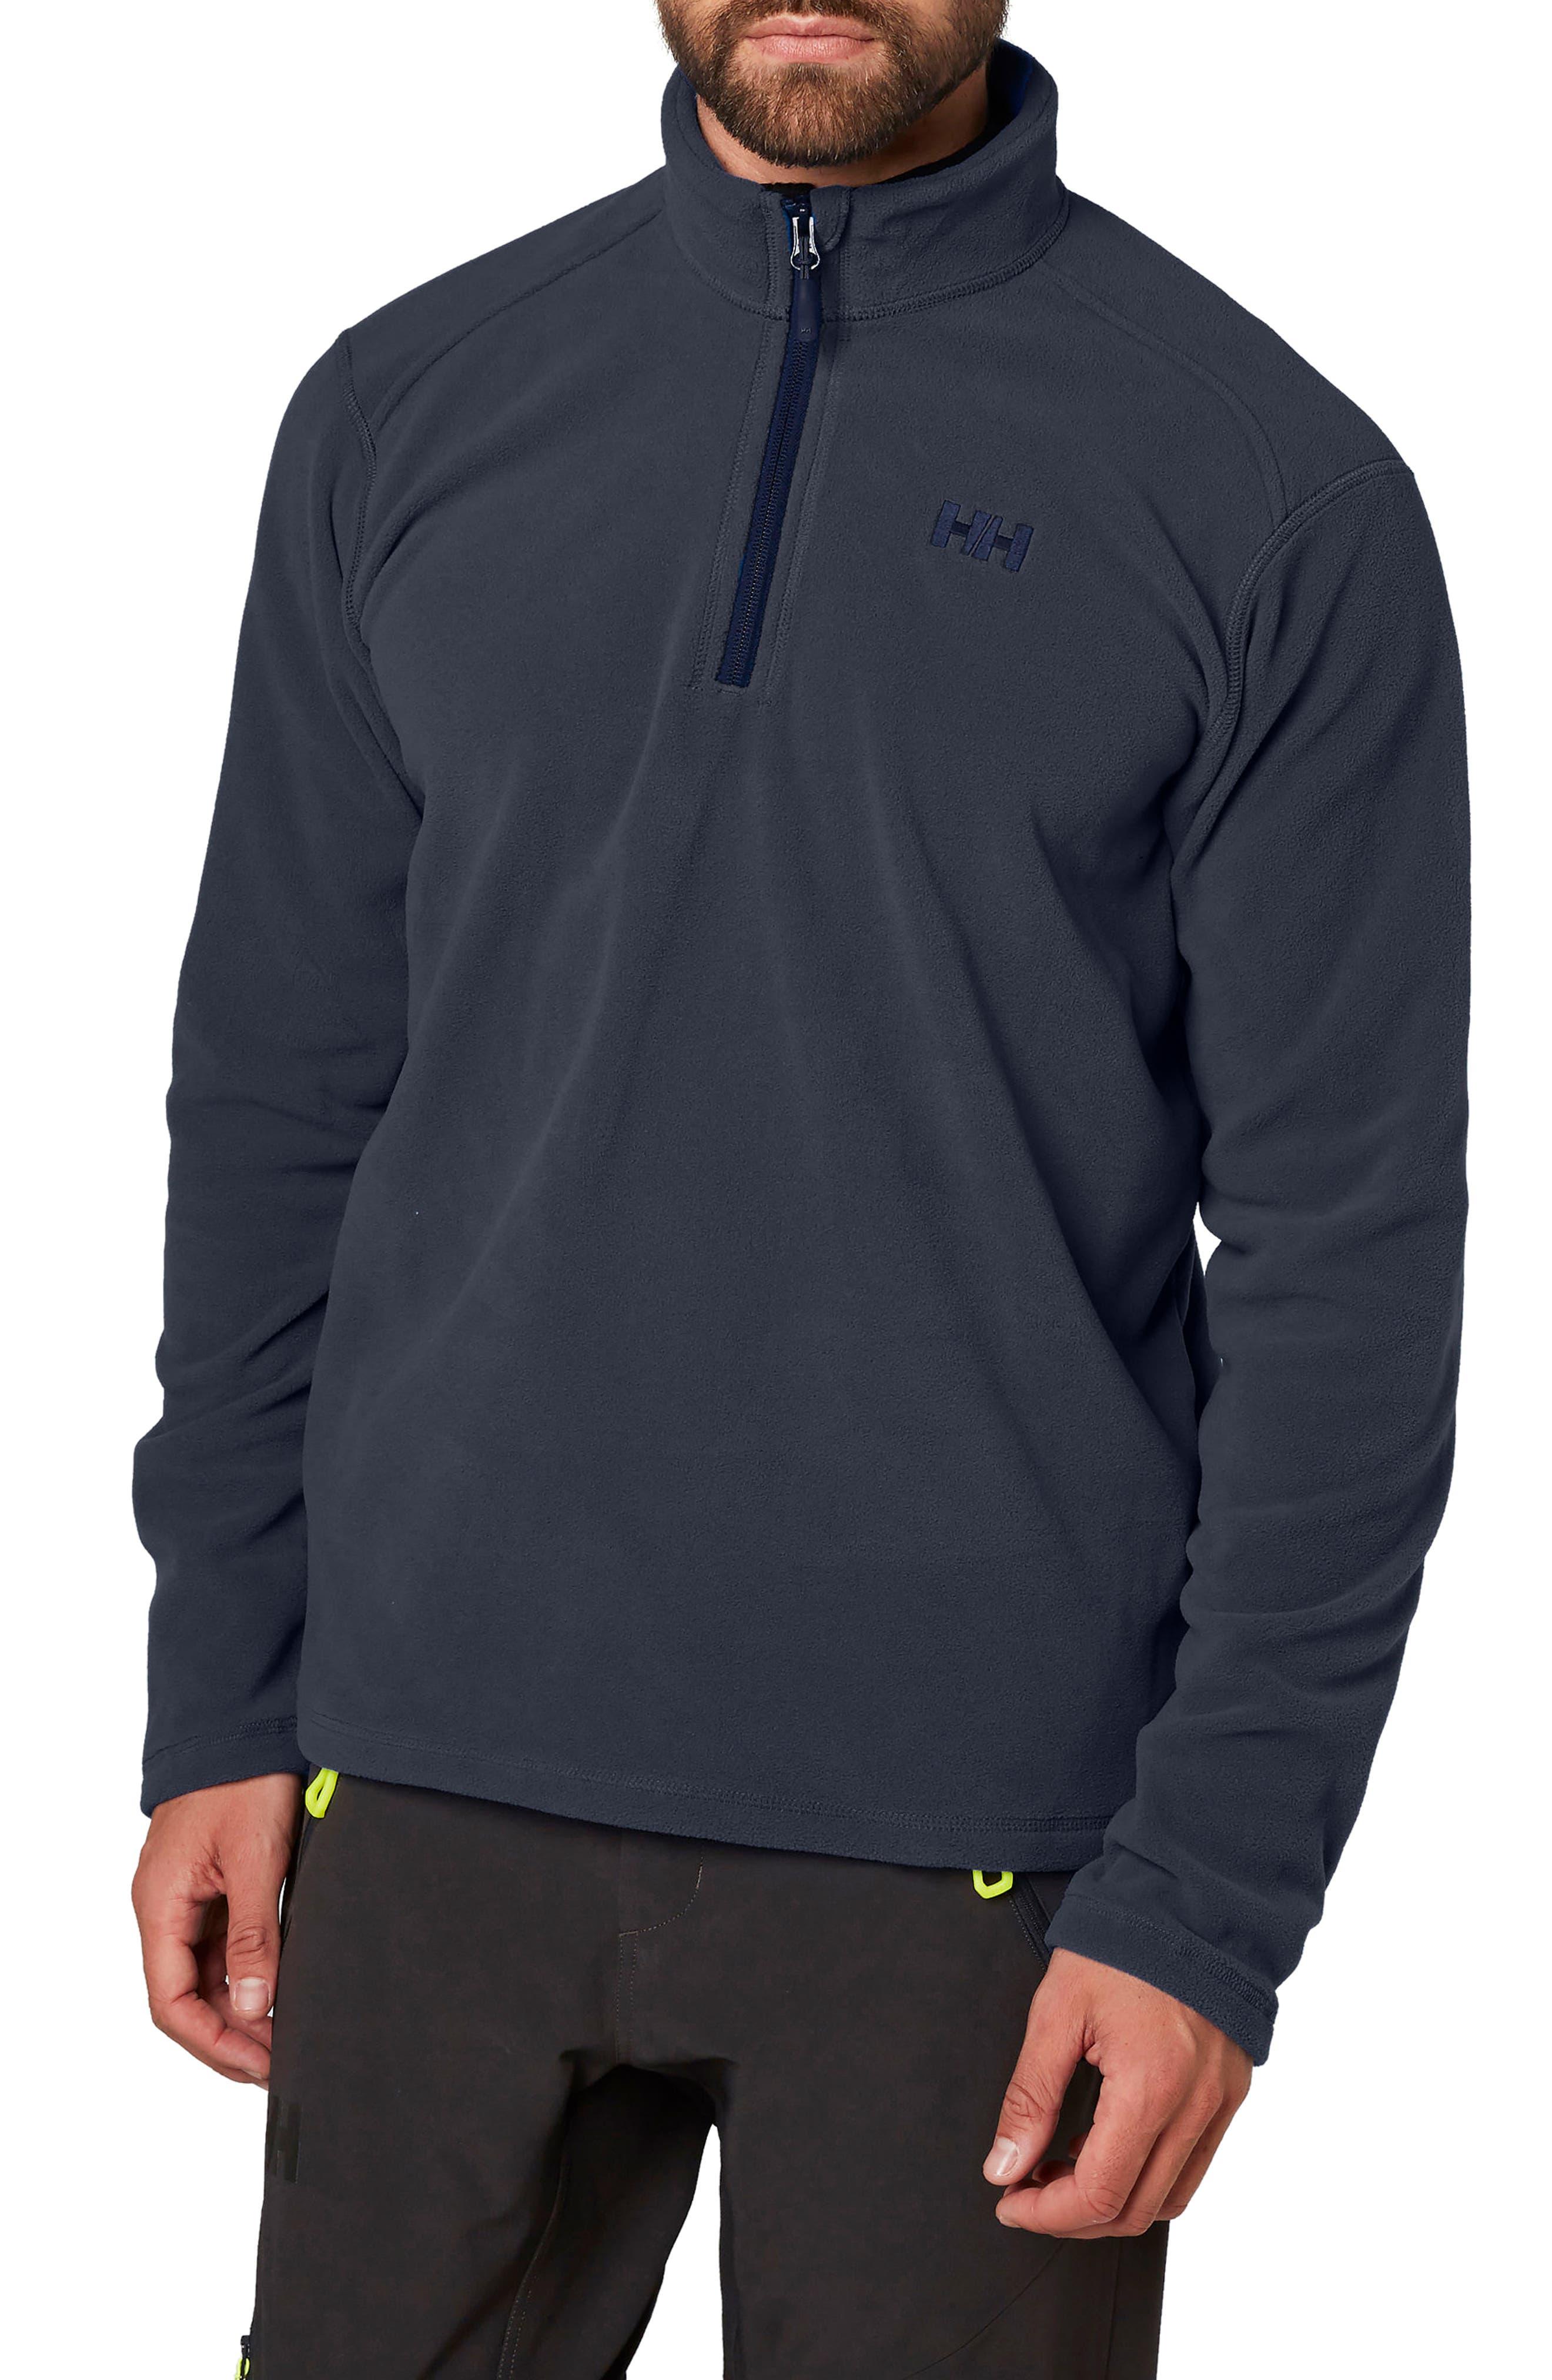 HellyHansen 'Daybreaker' Half Zip Fleece Jacket,                         Main,                         color, 994 Graphite Blue